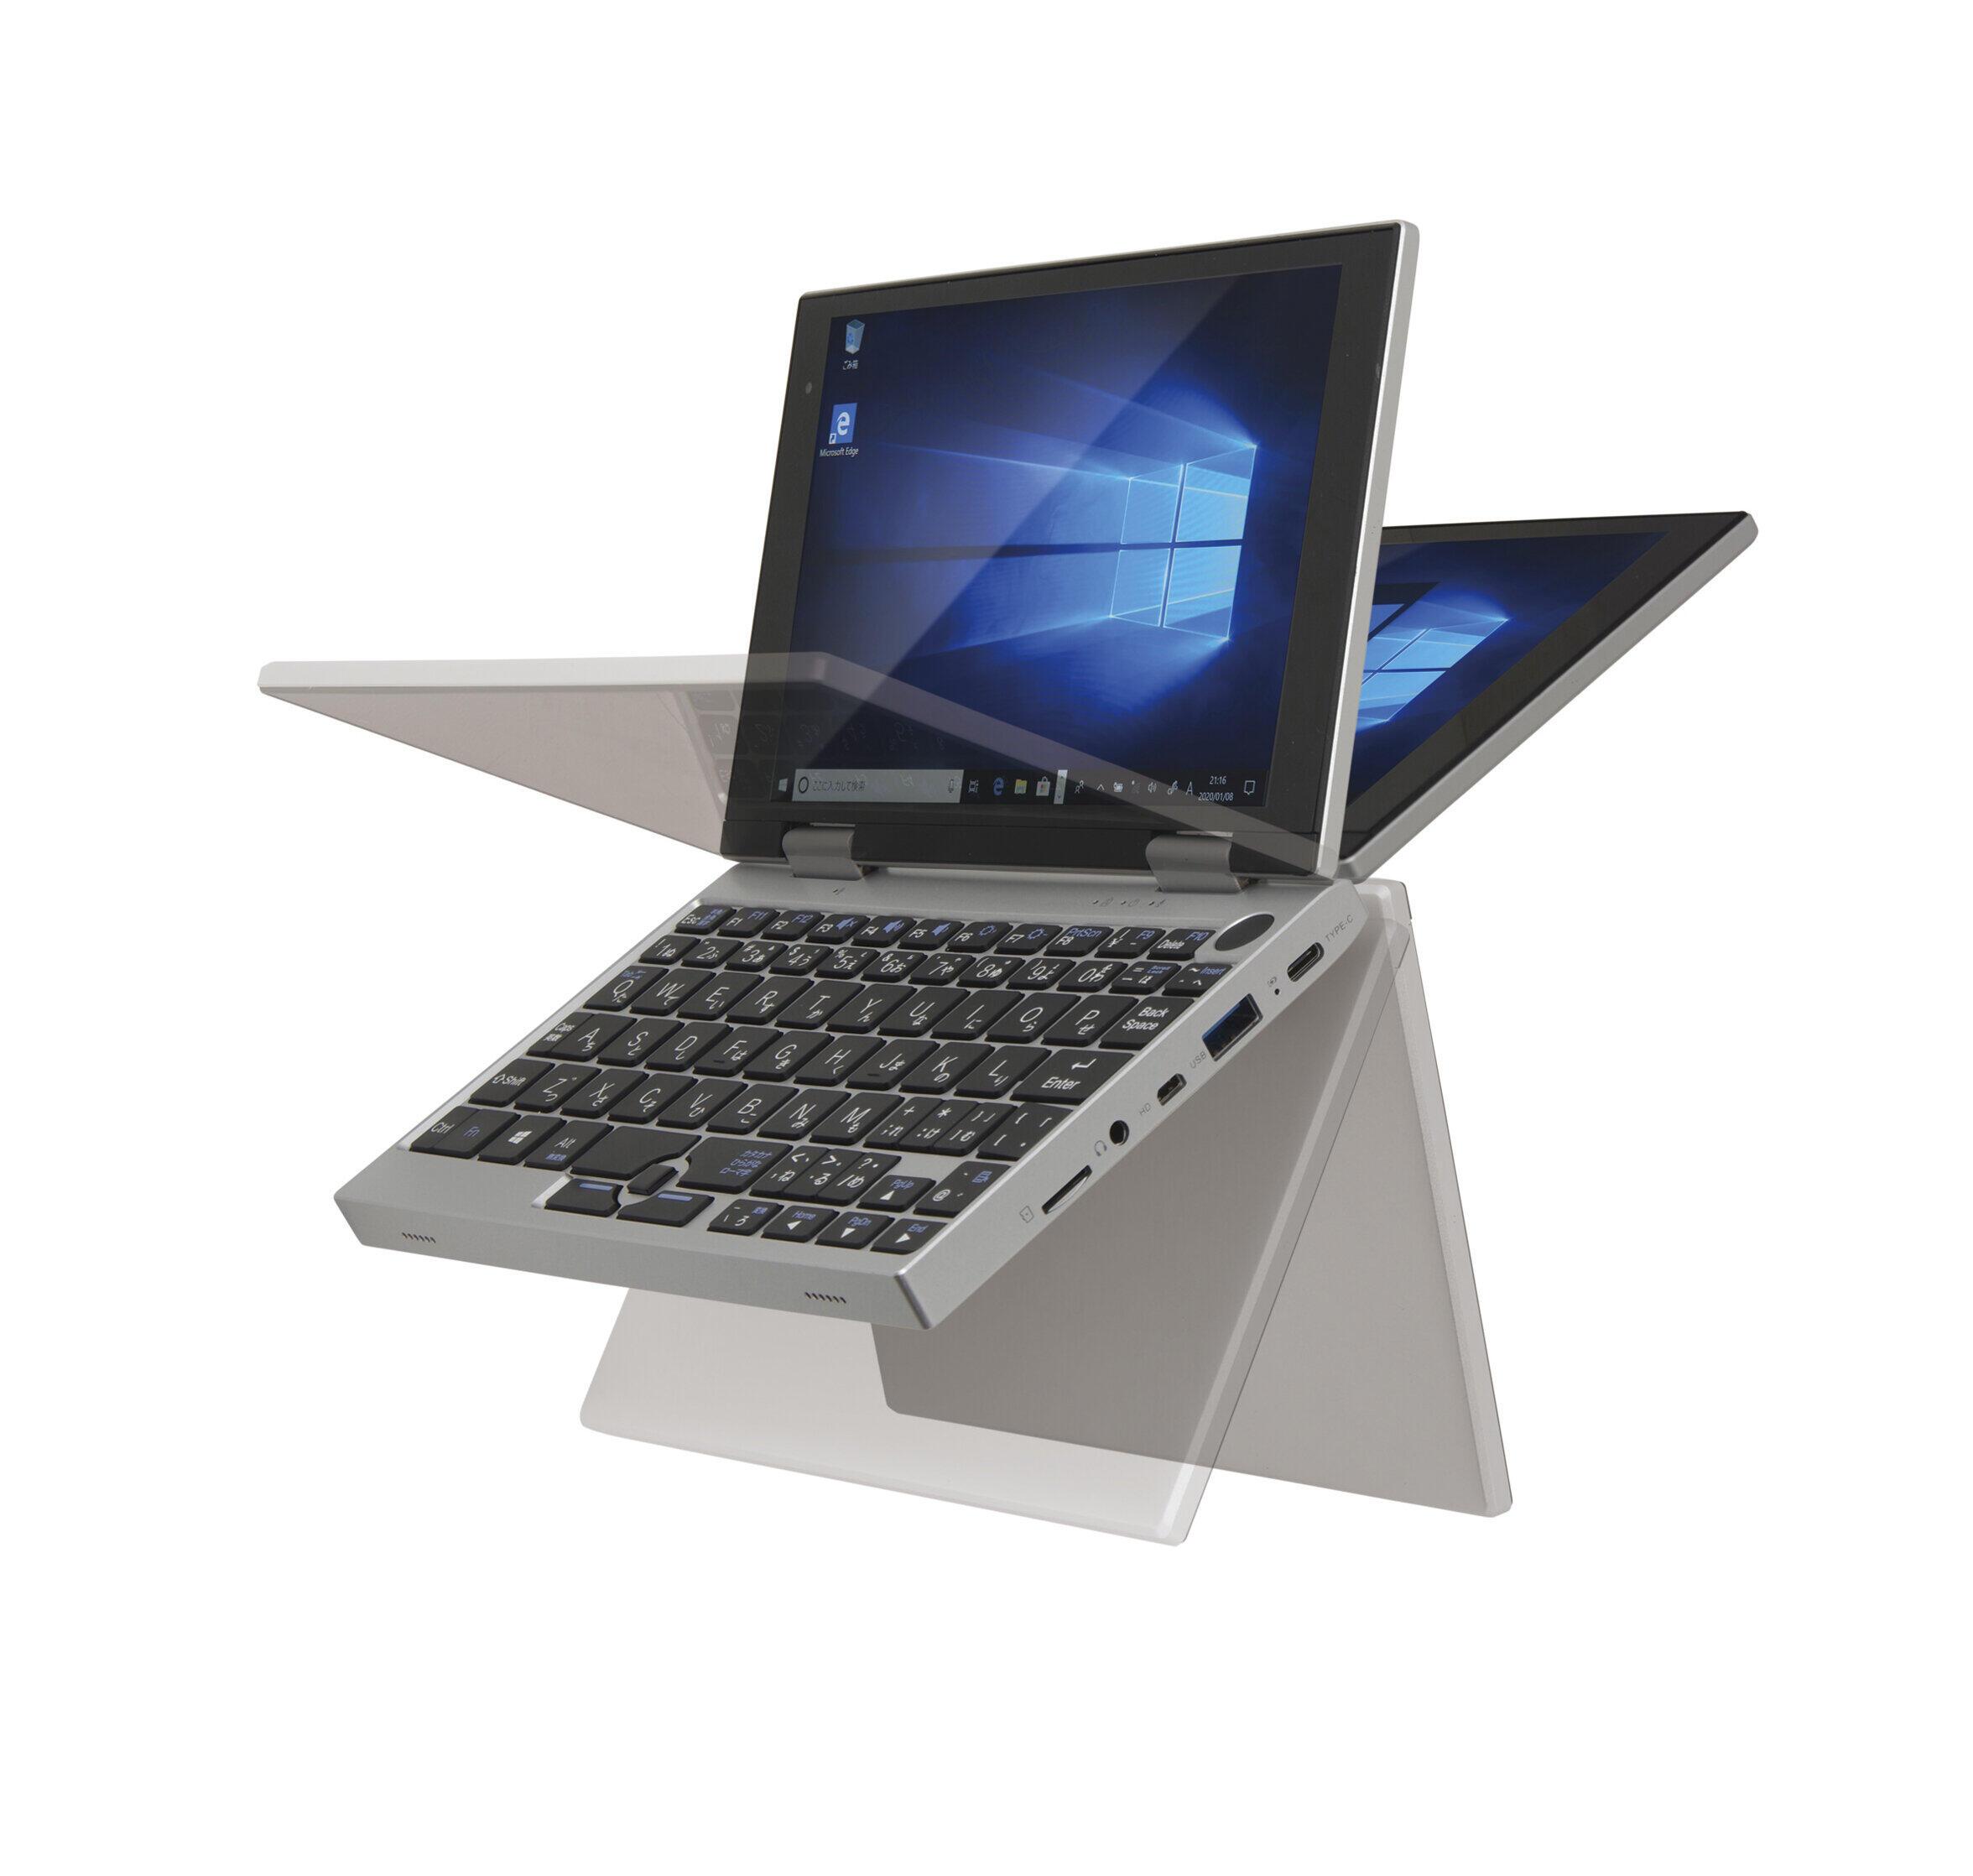 タブレットでも使える1万9800円の小型ノートPC ドン・キホーテ